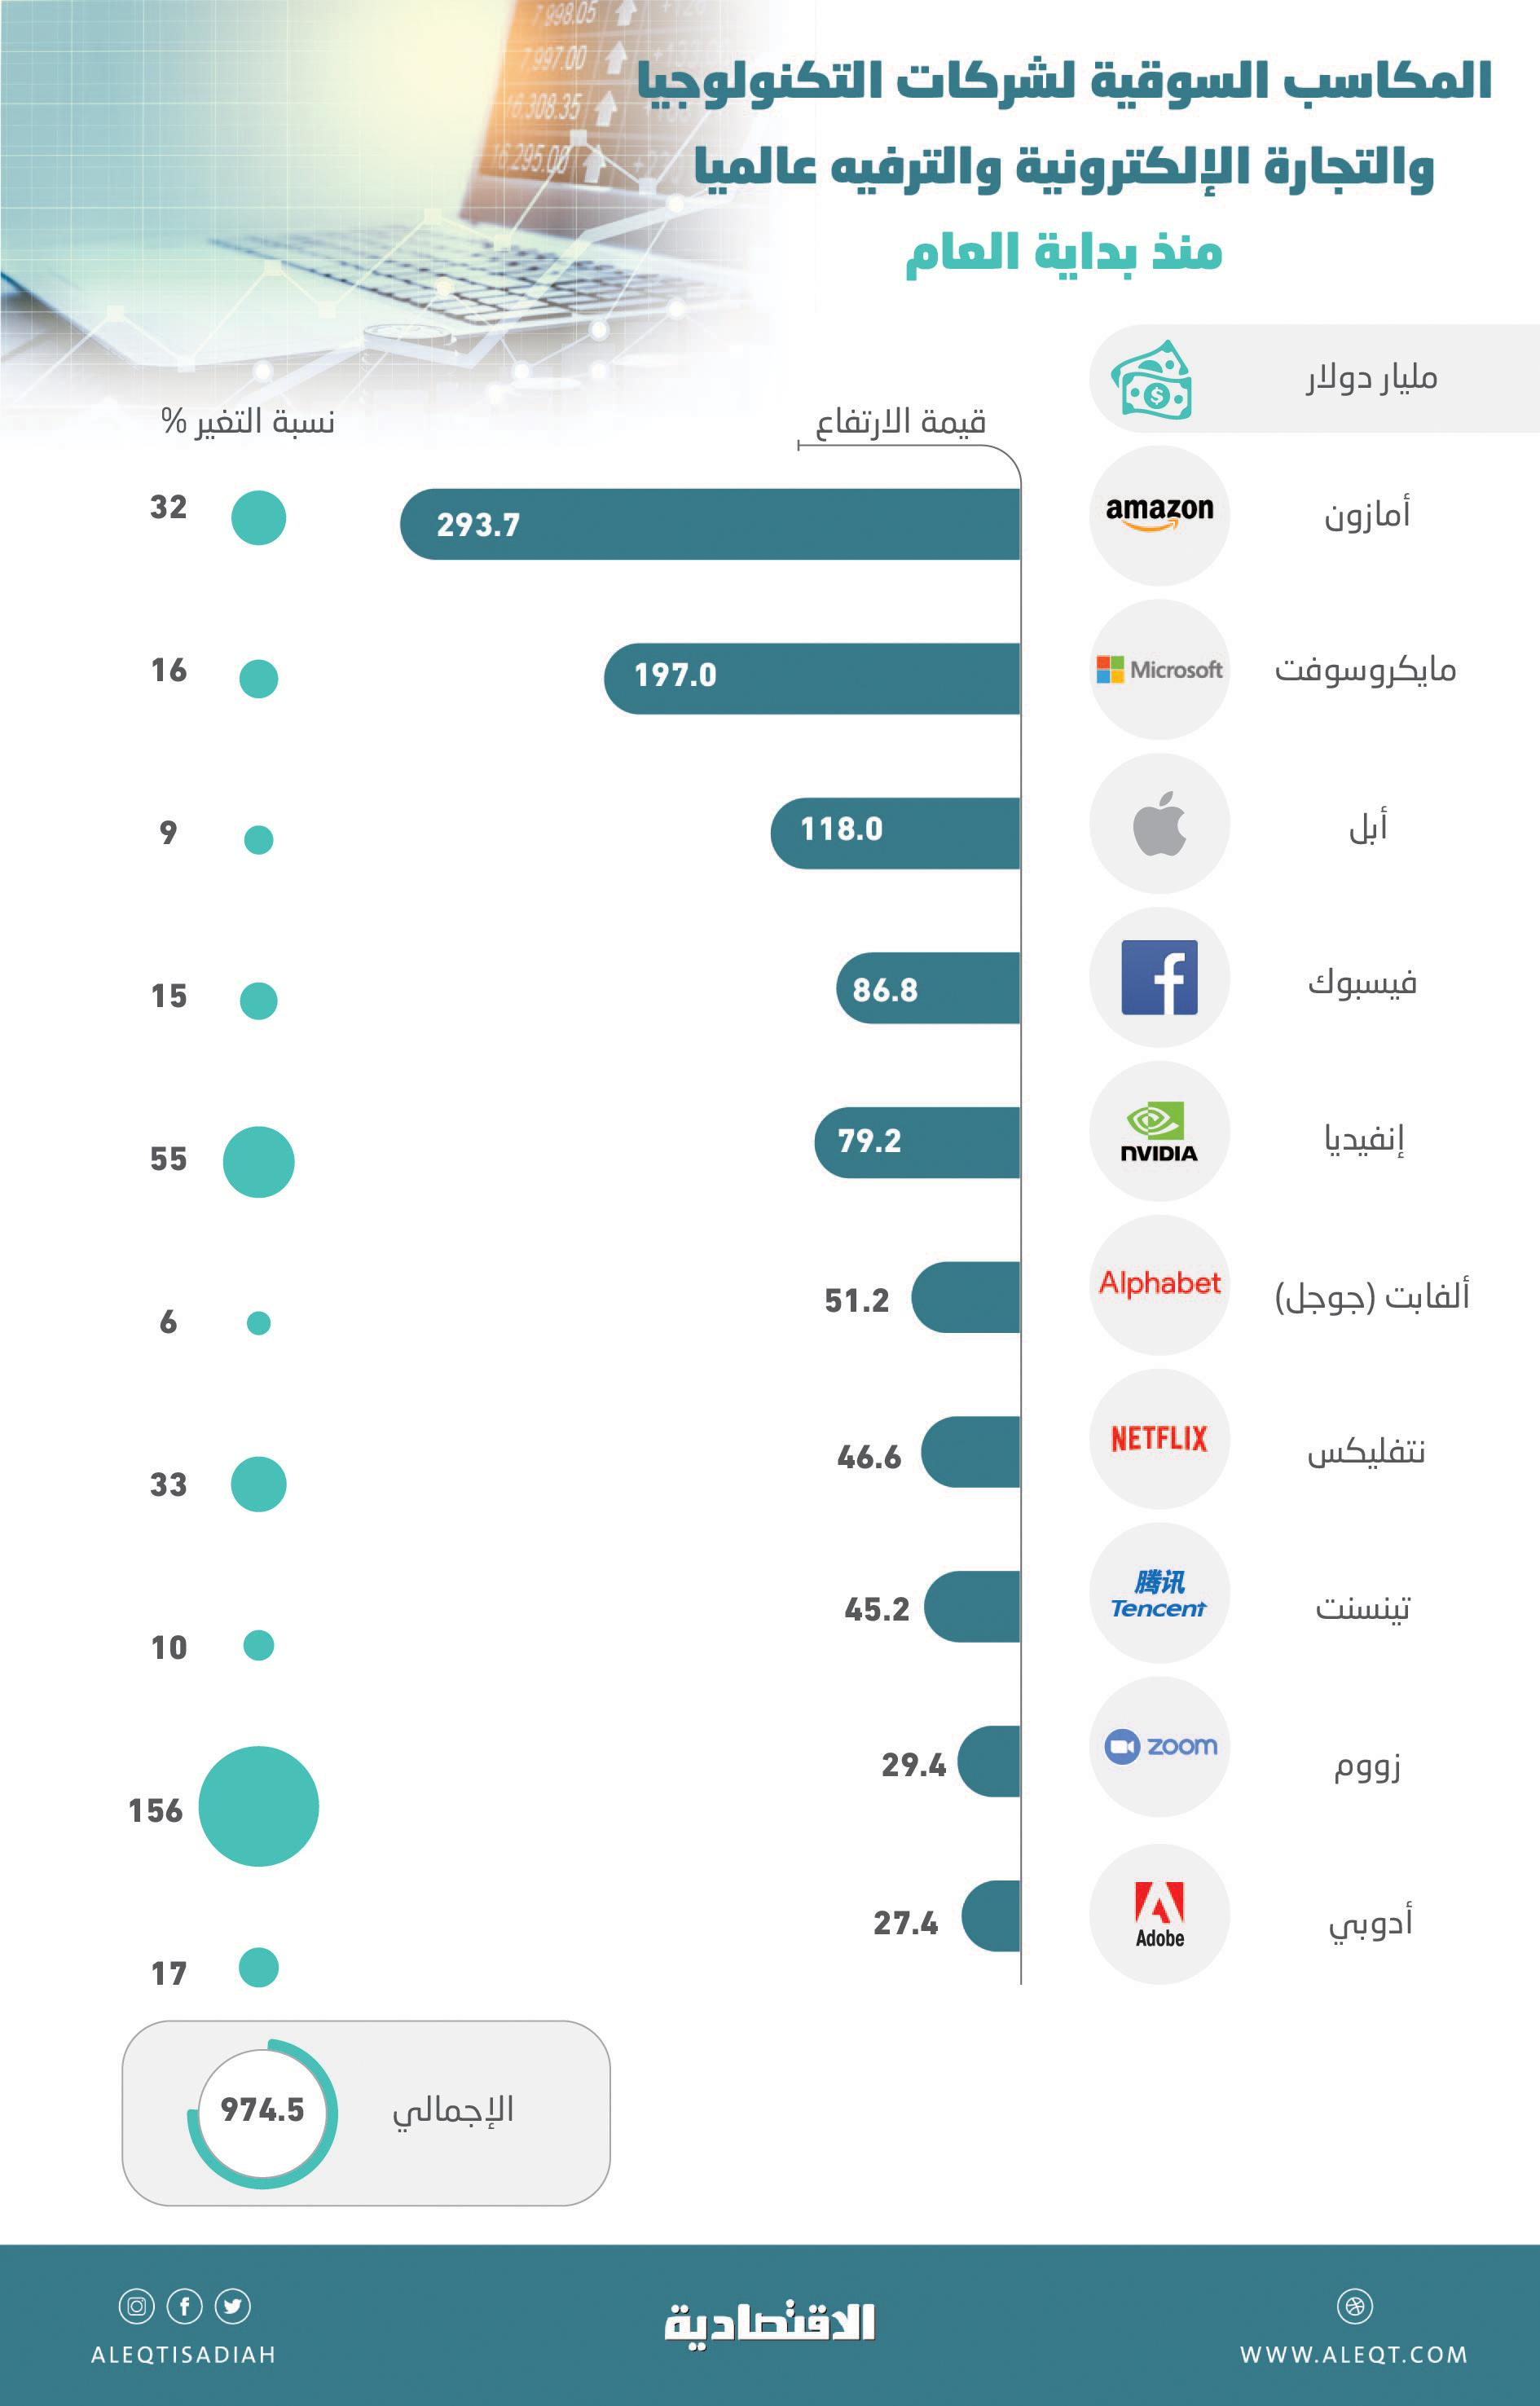 10 شركات عالمية تربح 975 مليار دولار من  كورونا  .. قيمة بعضها قفزت أكثر من 150 %   صحيفة الاقتصادية